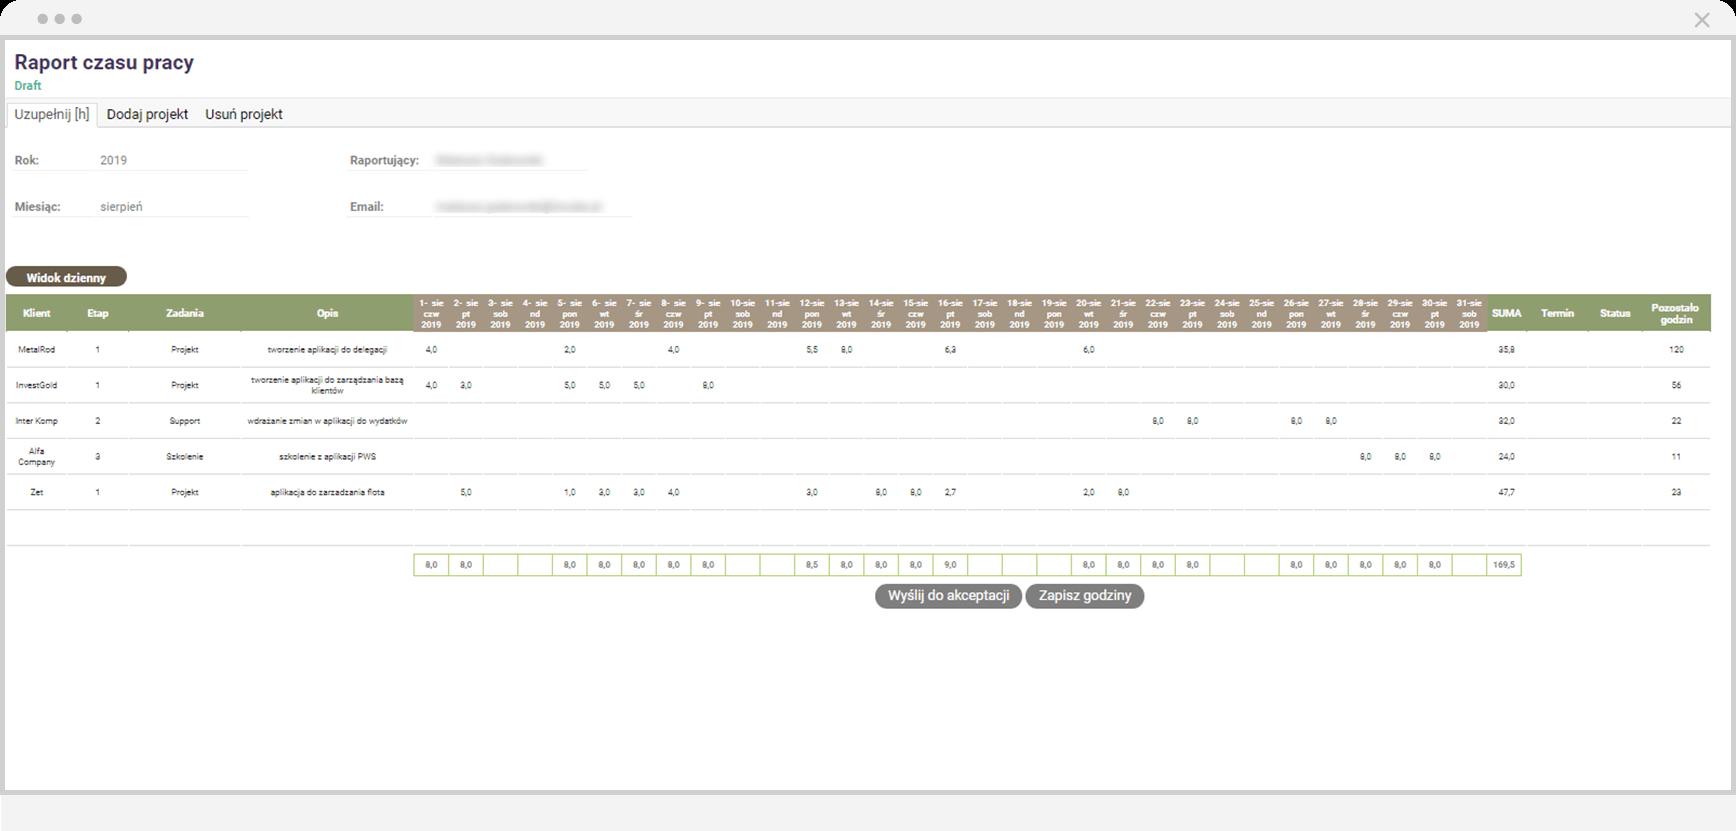 Aplikacja do ewidencji czasu pracy - Qalcwise